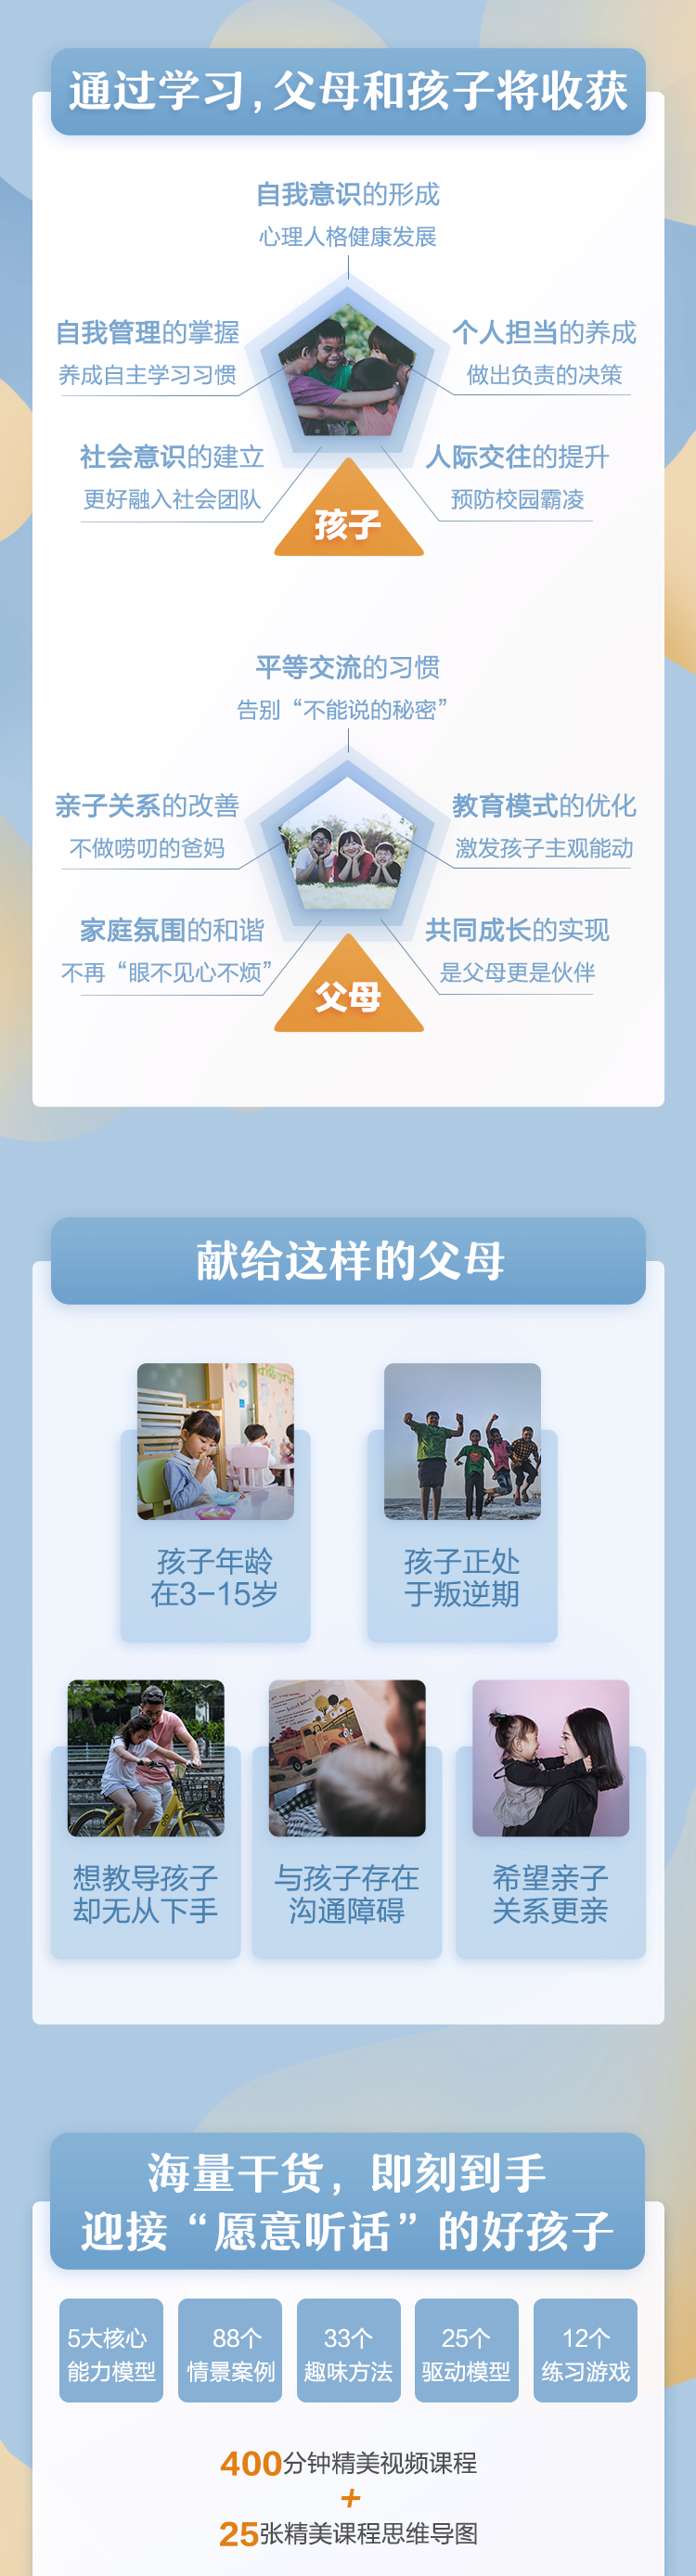 喜马拉雅付费资源:樊登推荐 父母要教给孩子的社交与情绪课 音频下载